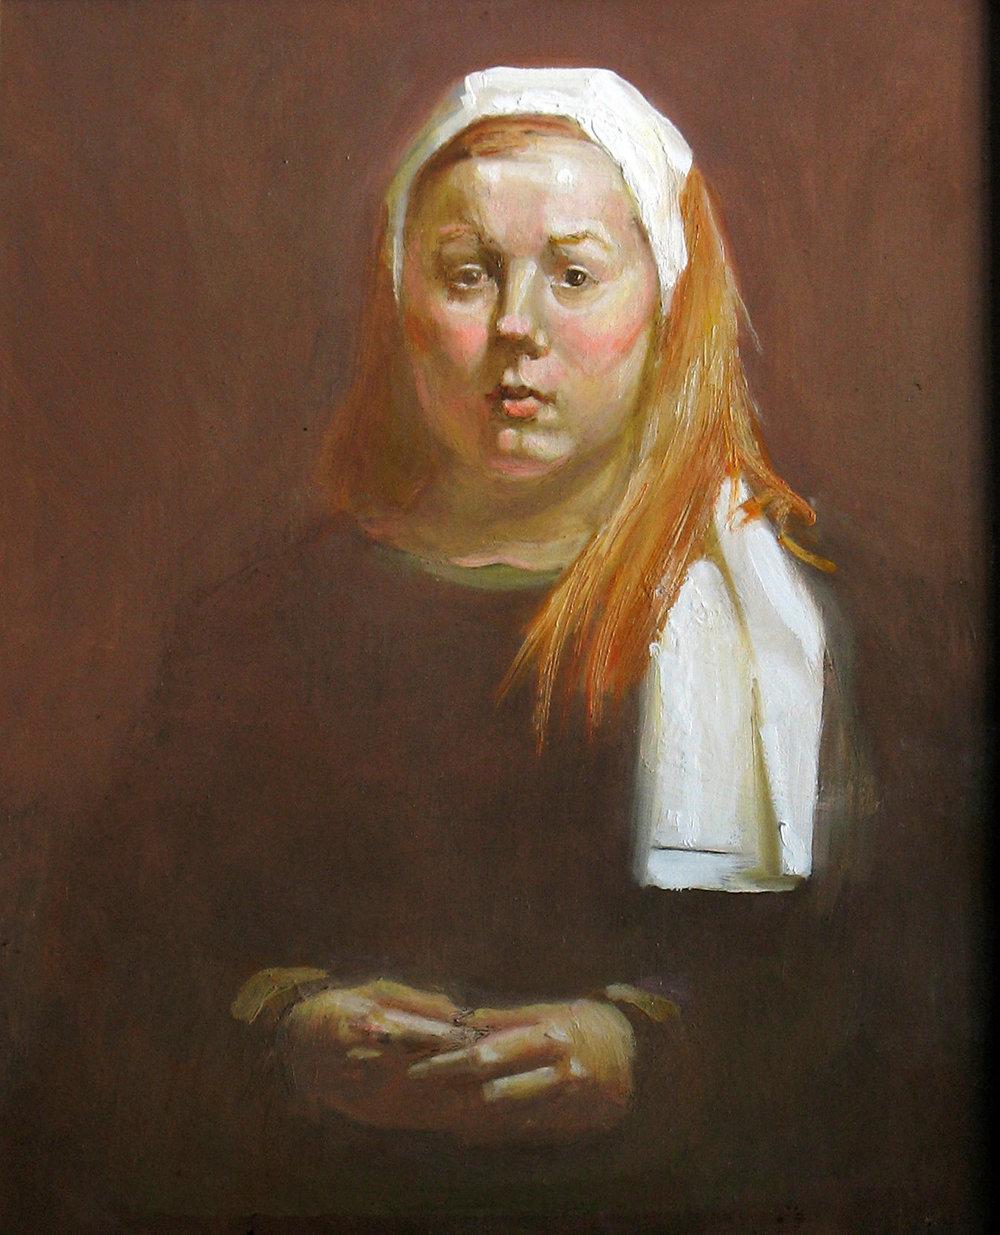 A girl, 2010